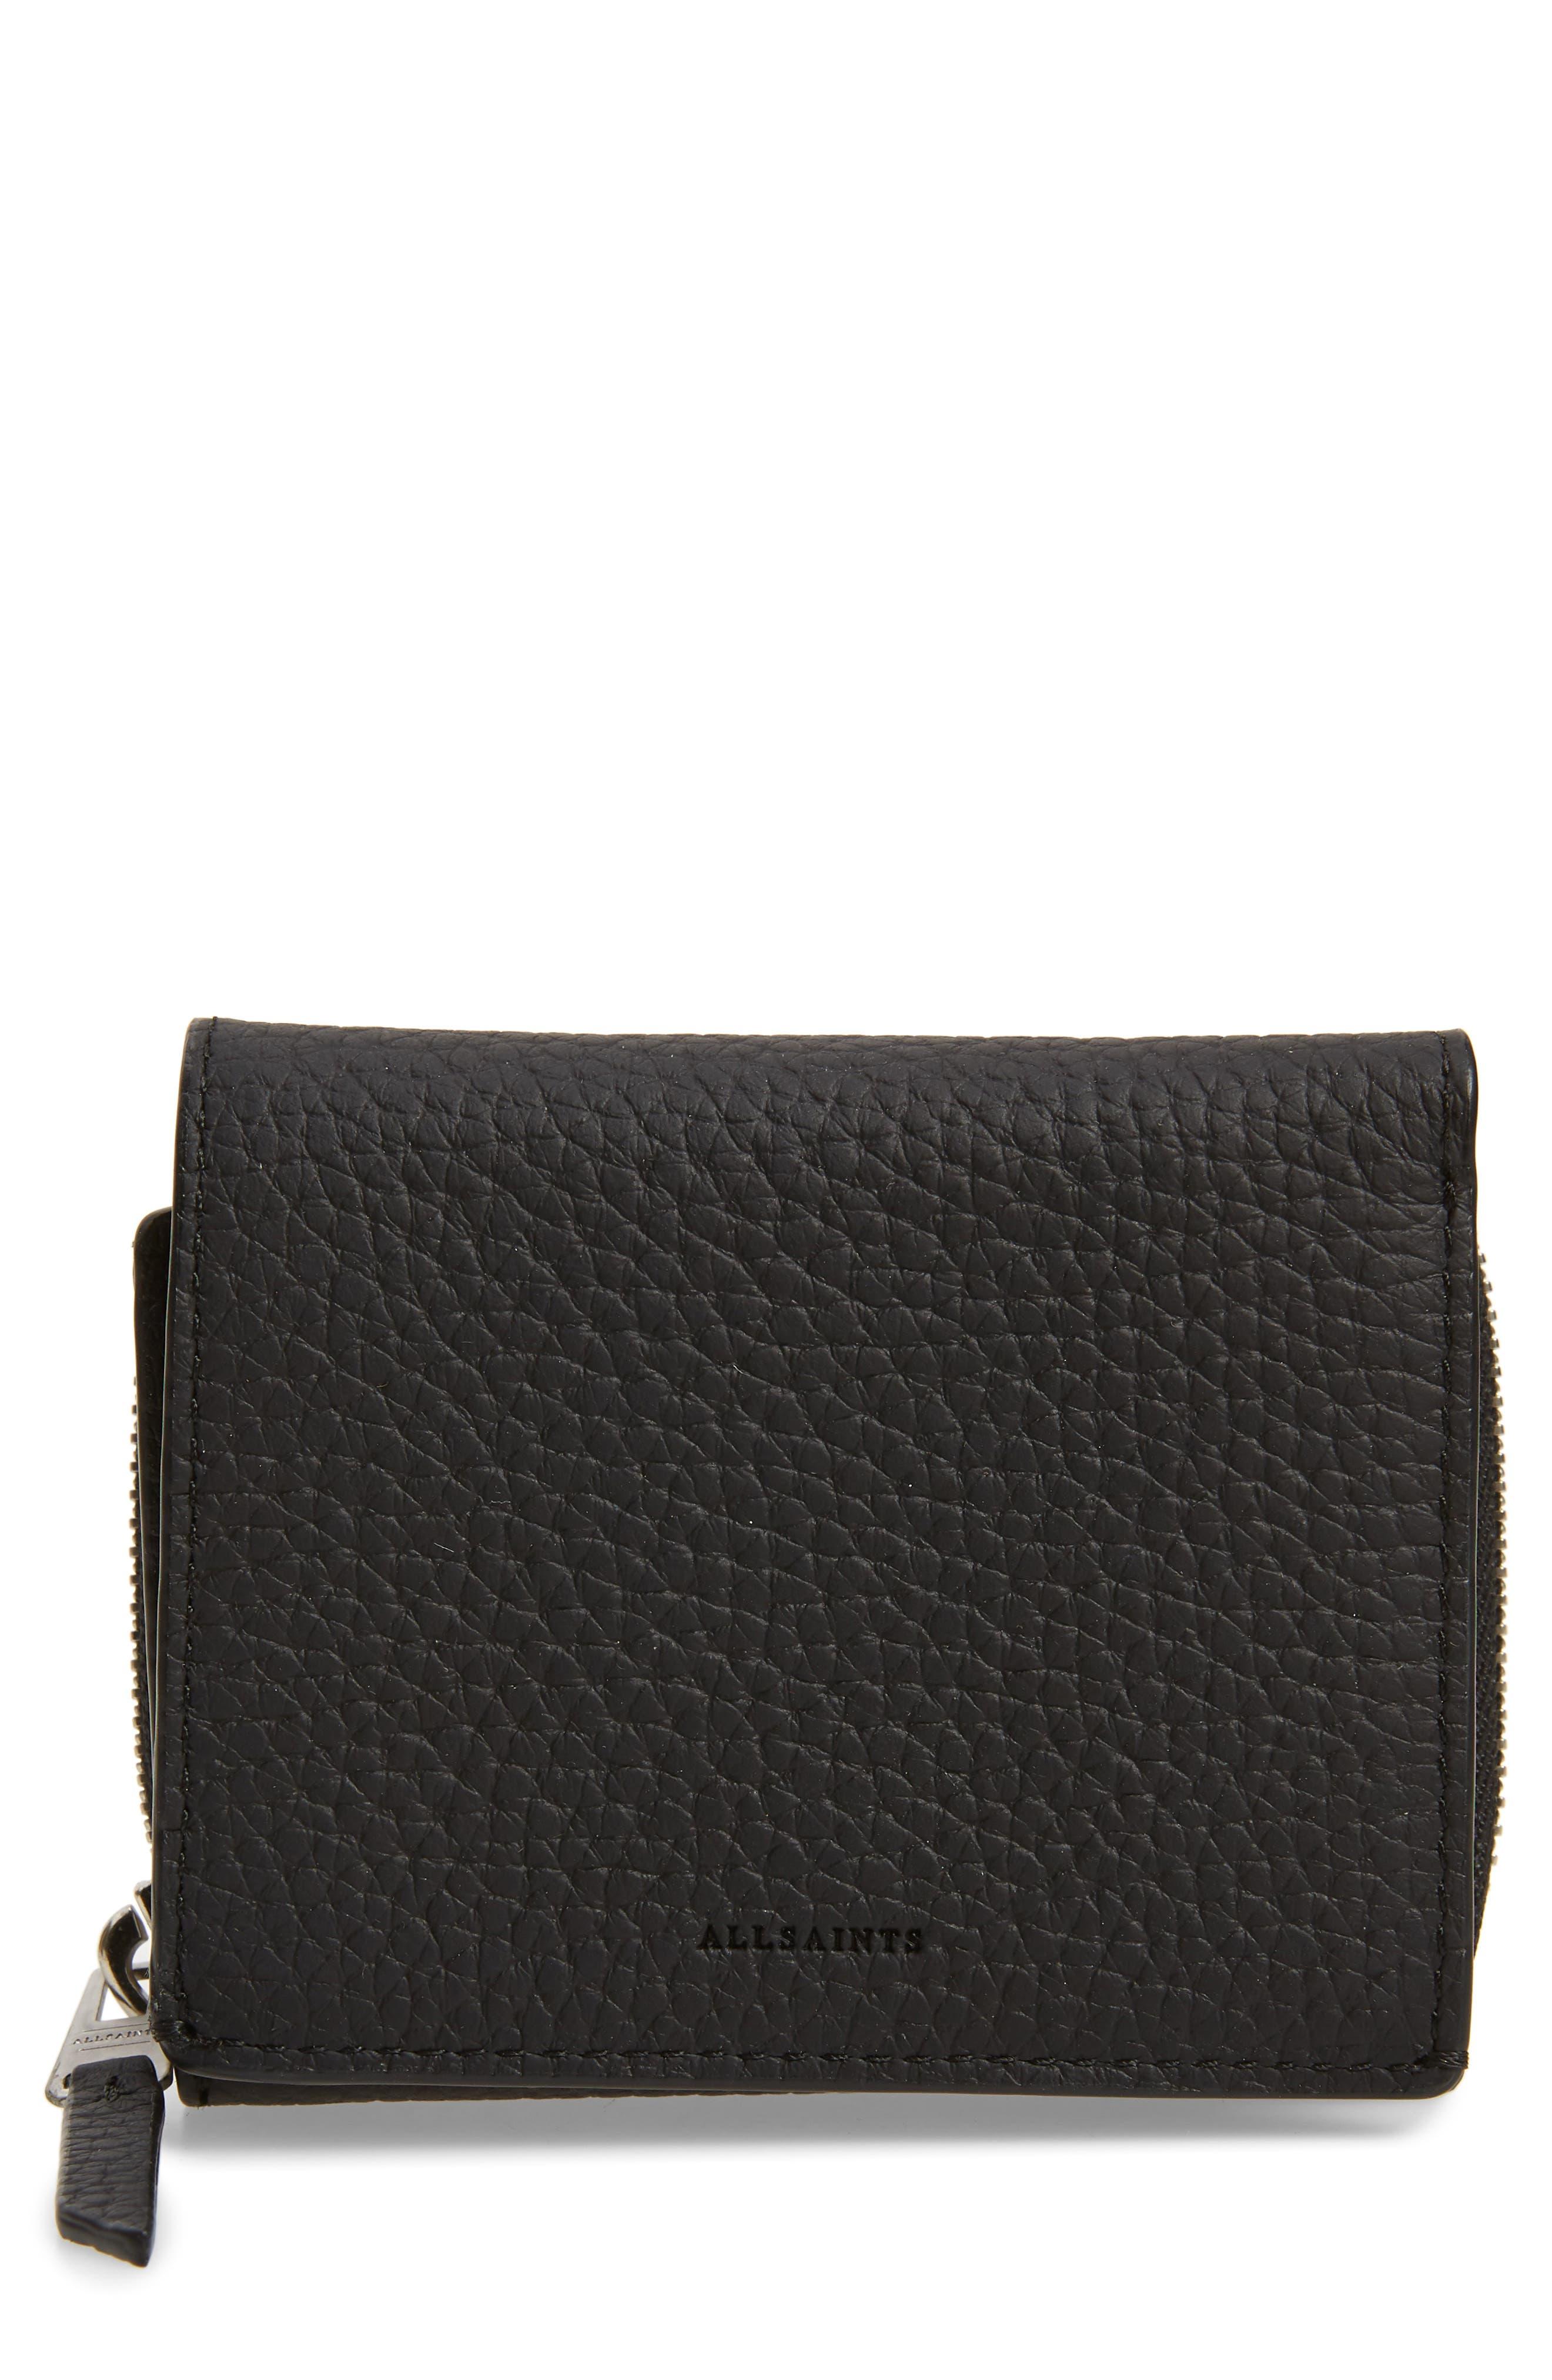 ALLSAINTS, Captain Leather Trifold Wallet, Main thumbnail 1, color, BLACK